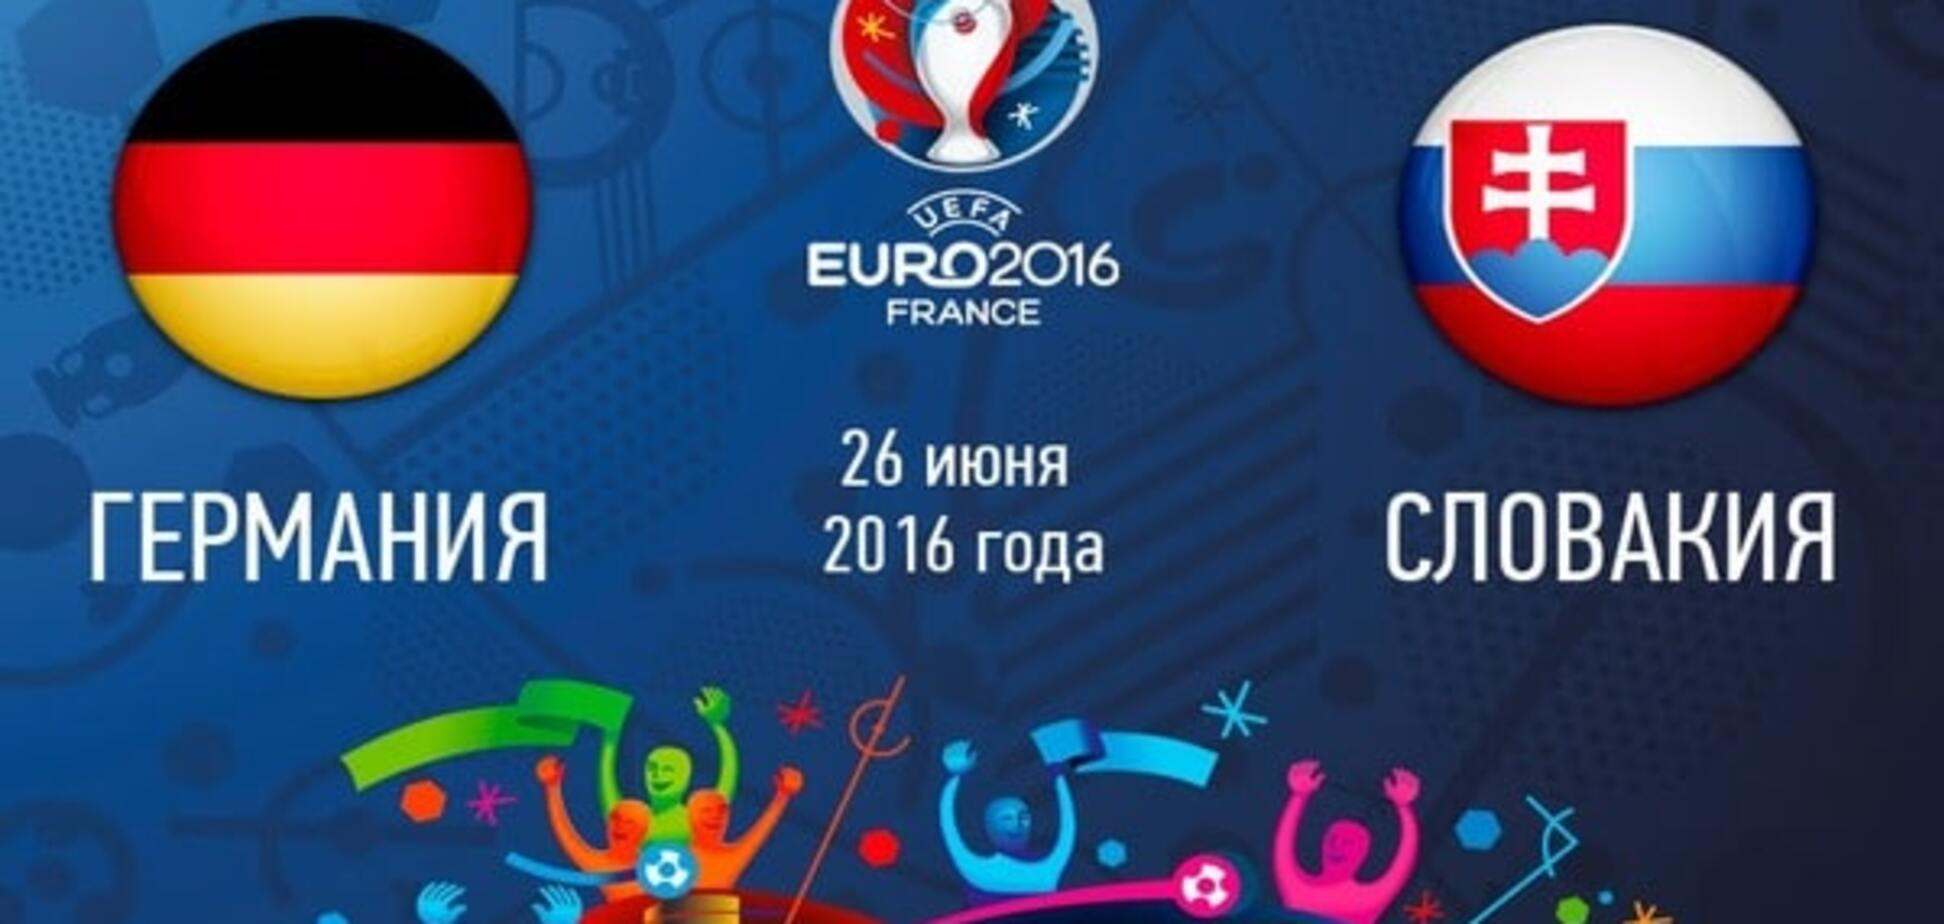 Германия - Словакия Евро-2016